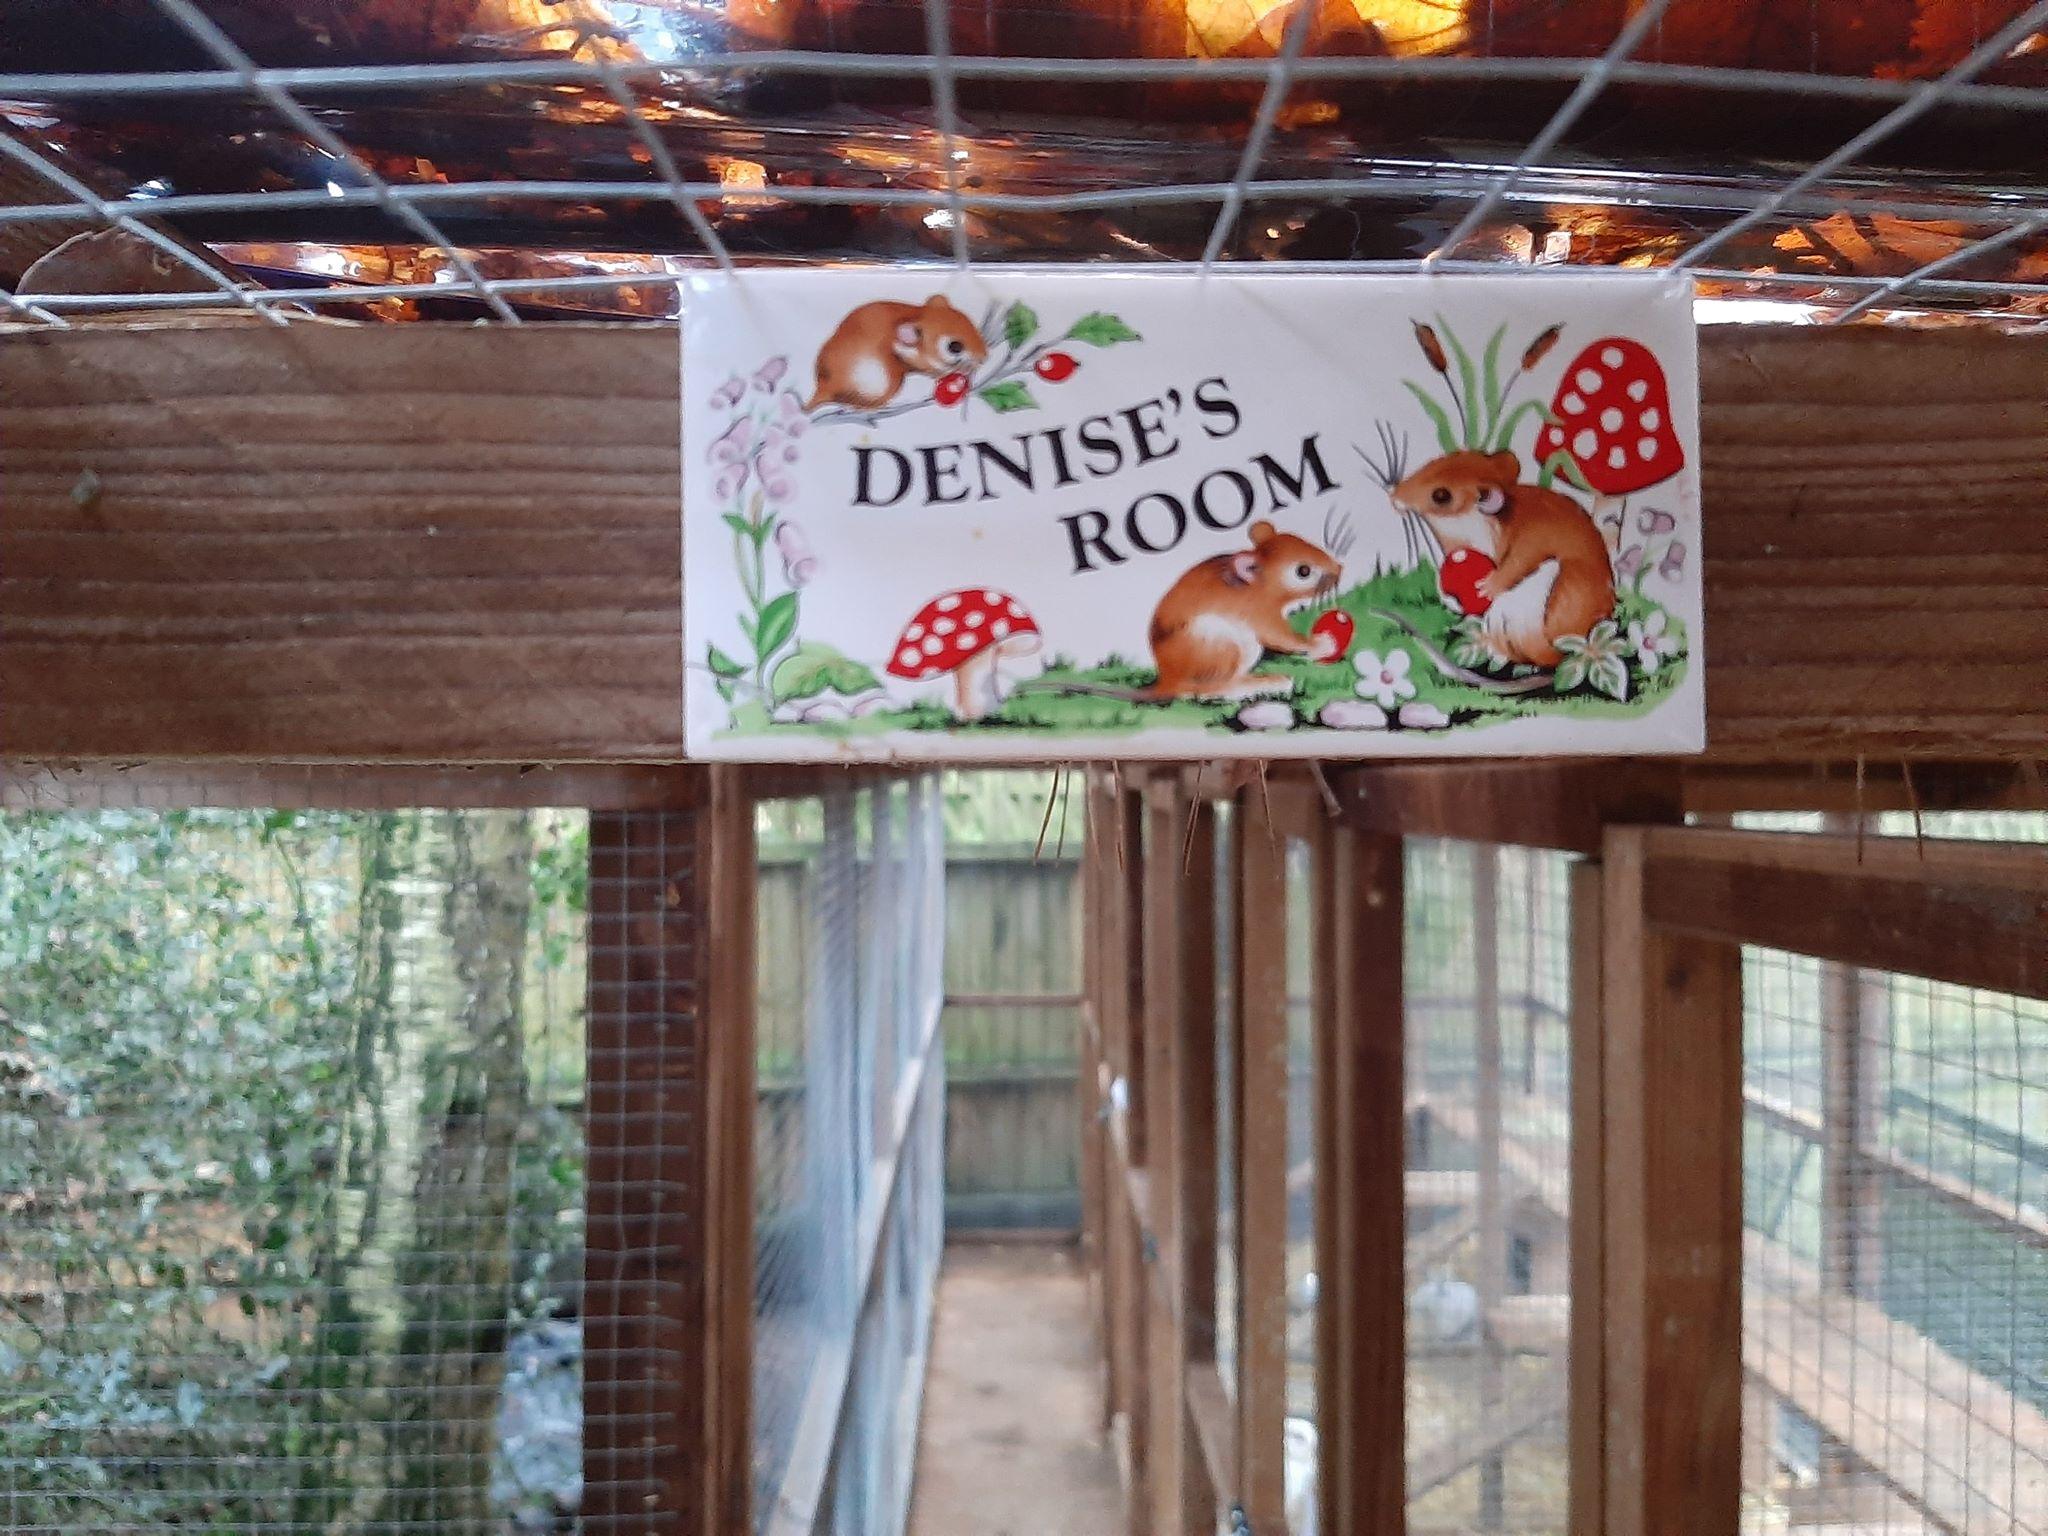 Denise's Room